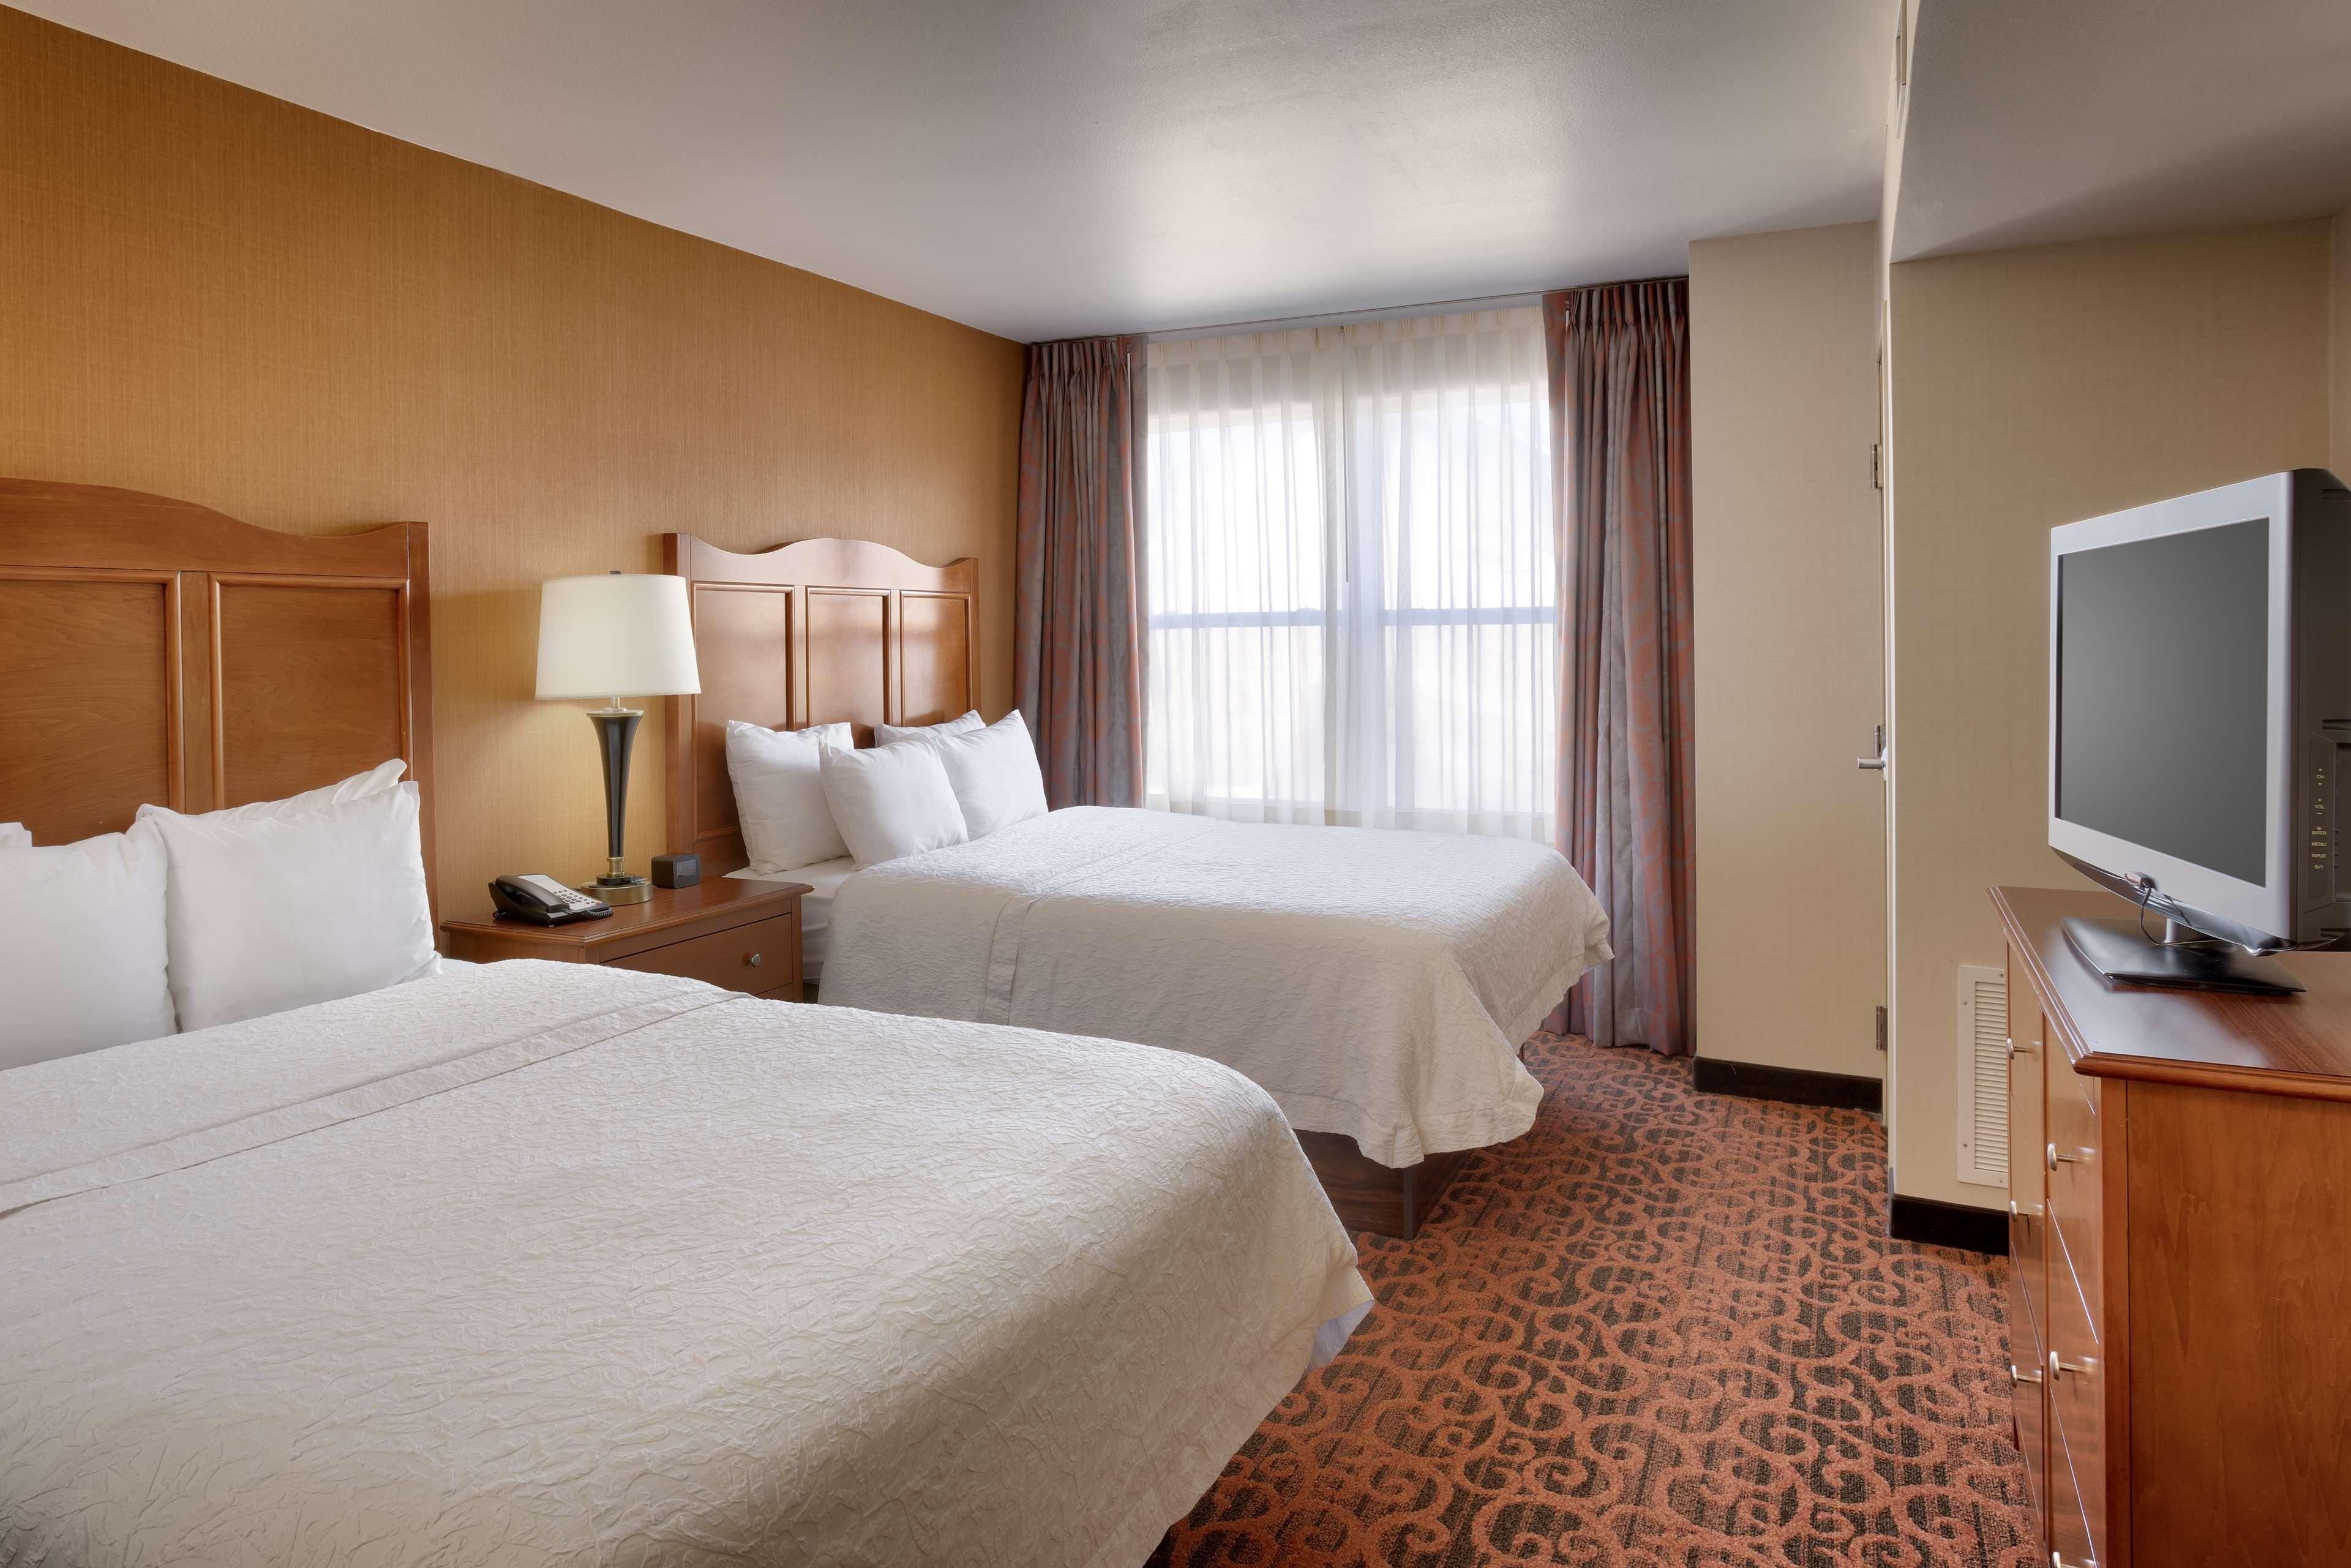 Hampton Inn & Suites Orem image 8